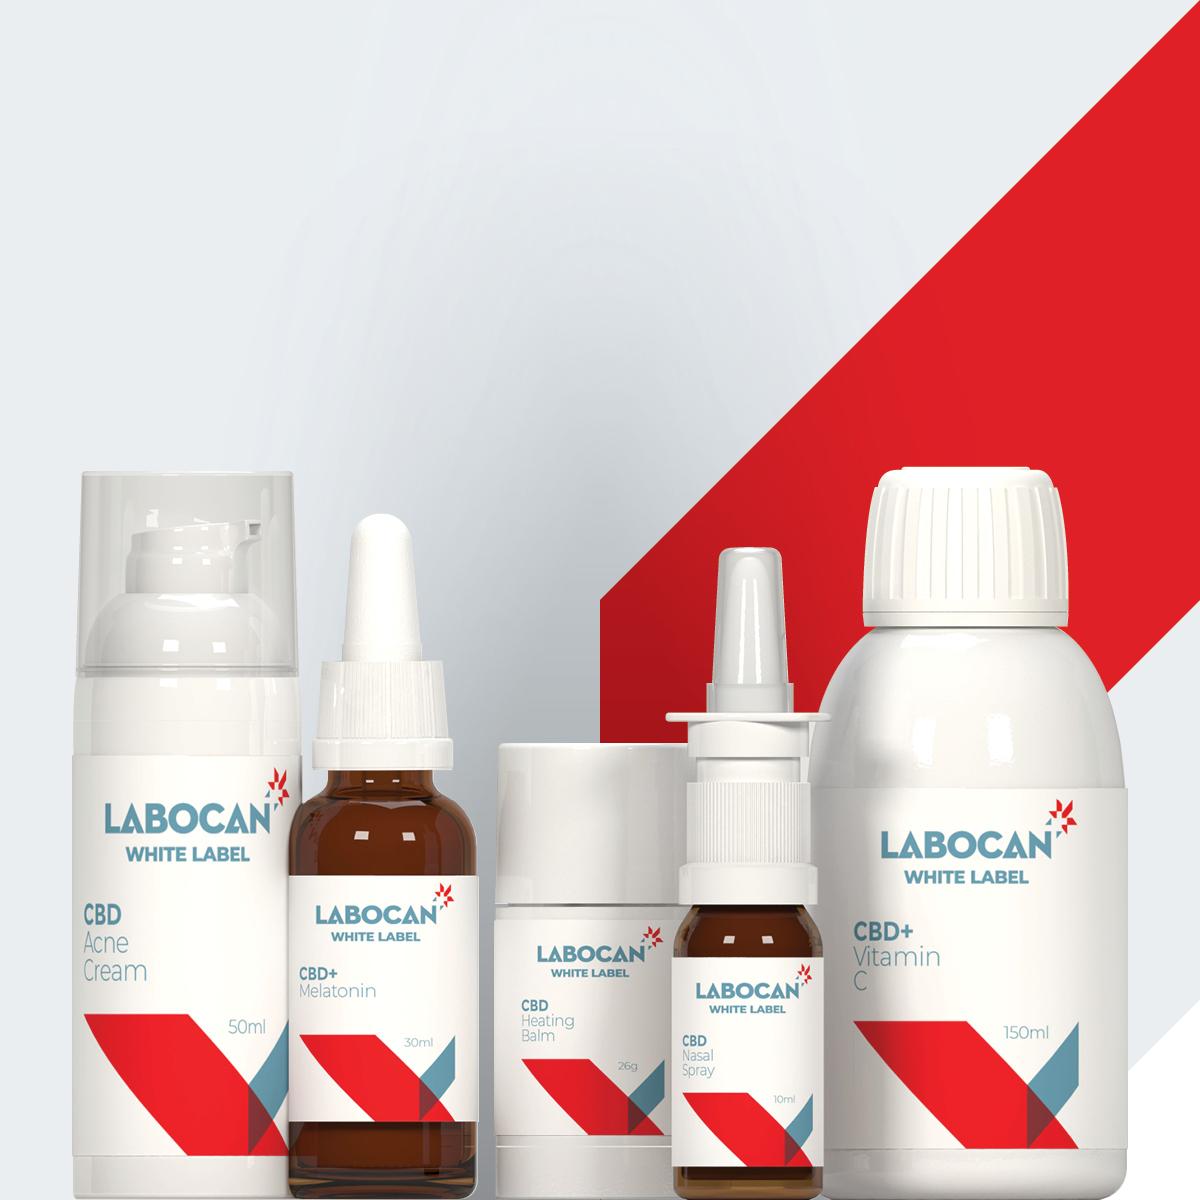 Productos de CBD marca blanca Labocan